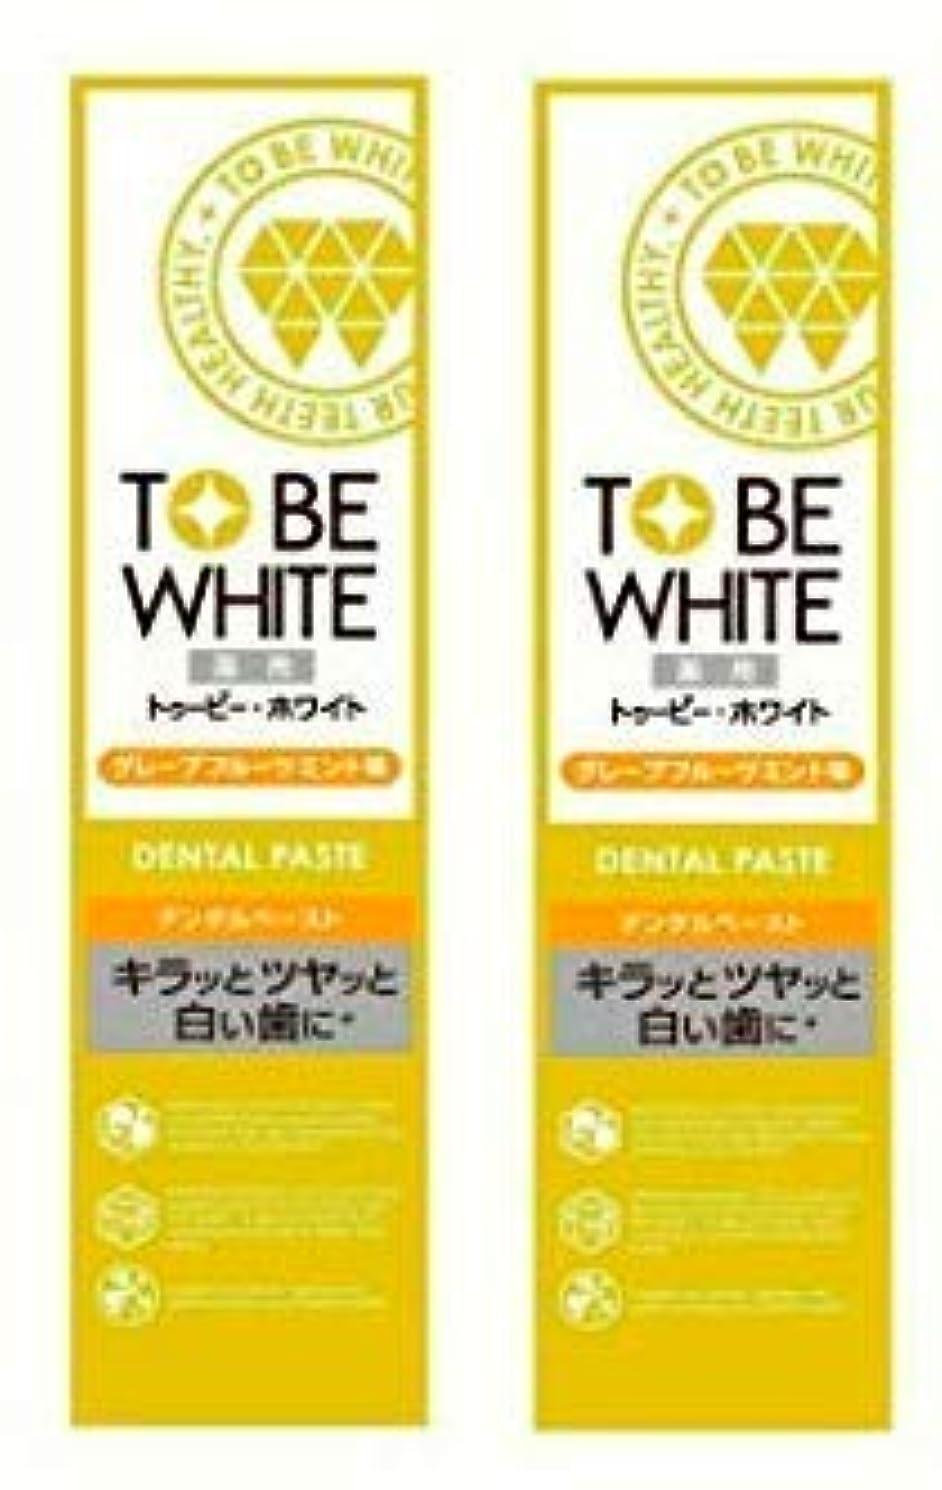 実験をする殺します美容師【お買い得】トゥービー?ホワイト 薬用 ホワイトニング ハミガキ粉 グレープフルーツミント 味 60g×2個セット